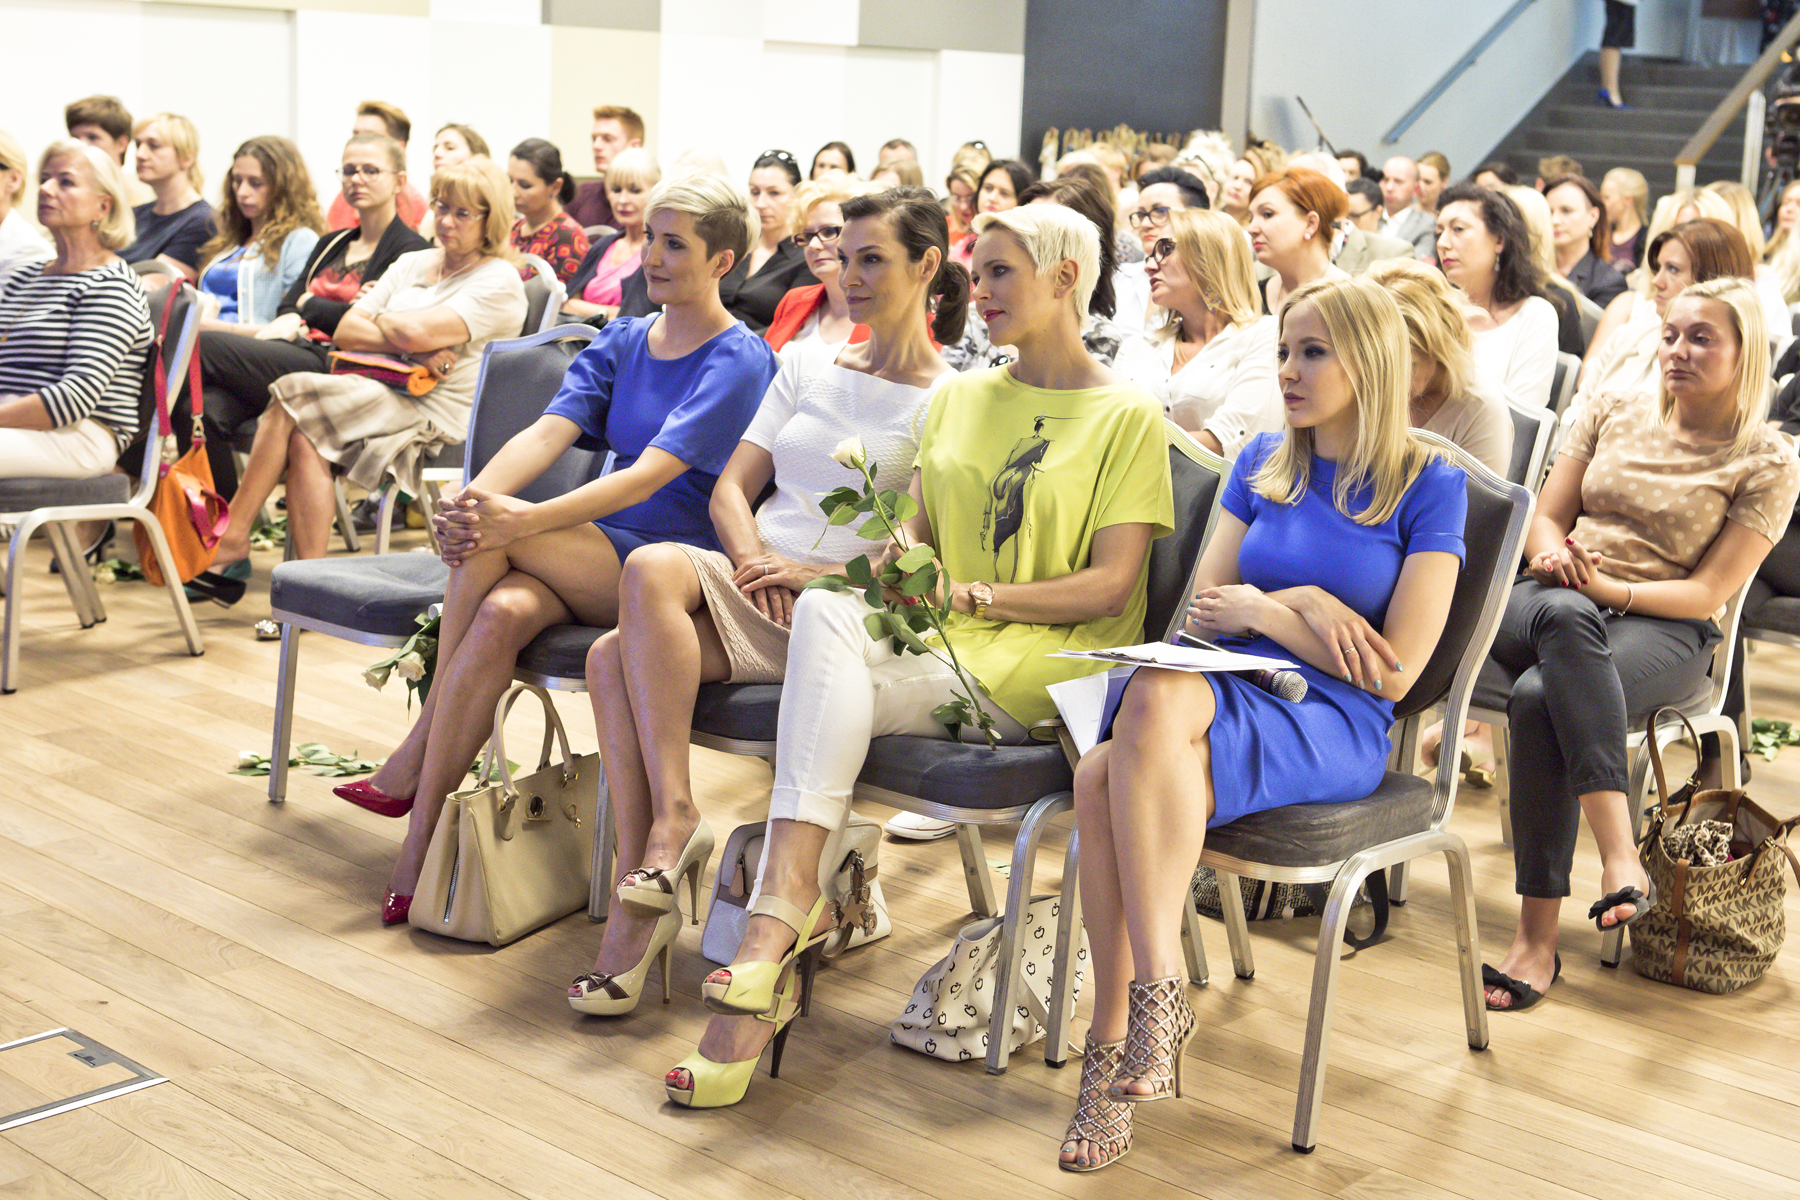 fotoreportaż_z_targów_i_eventów_-_branża_kosmetyczna_025